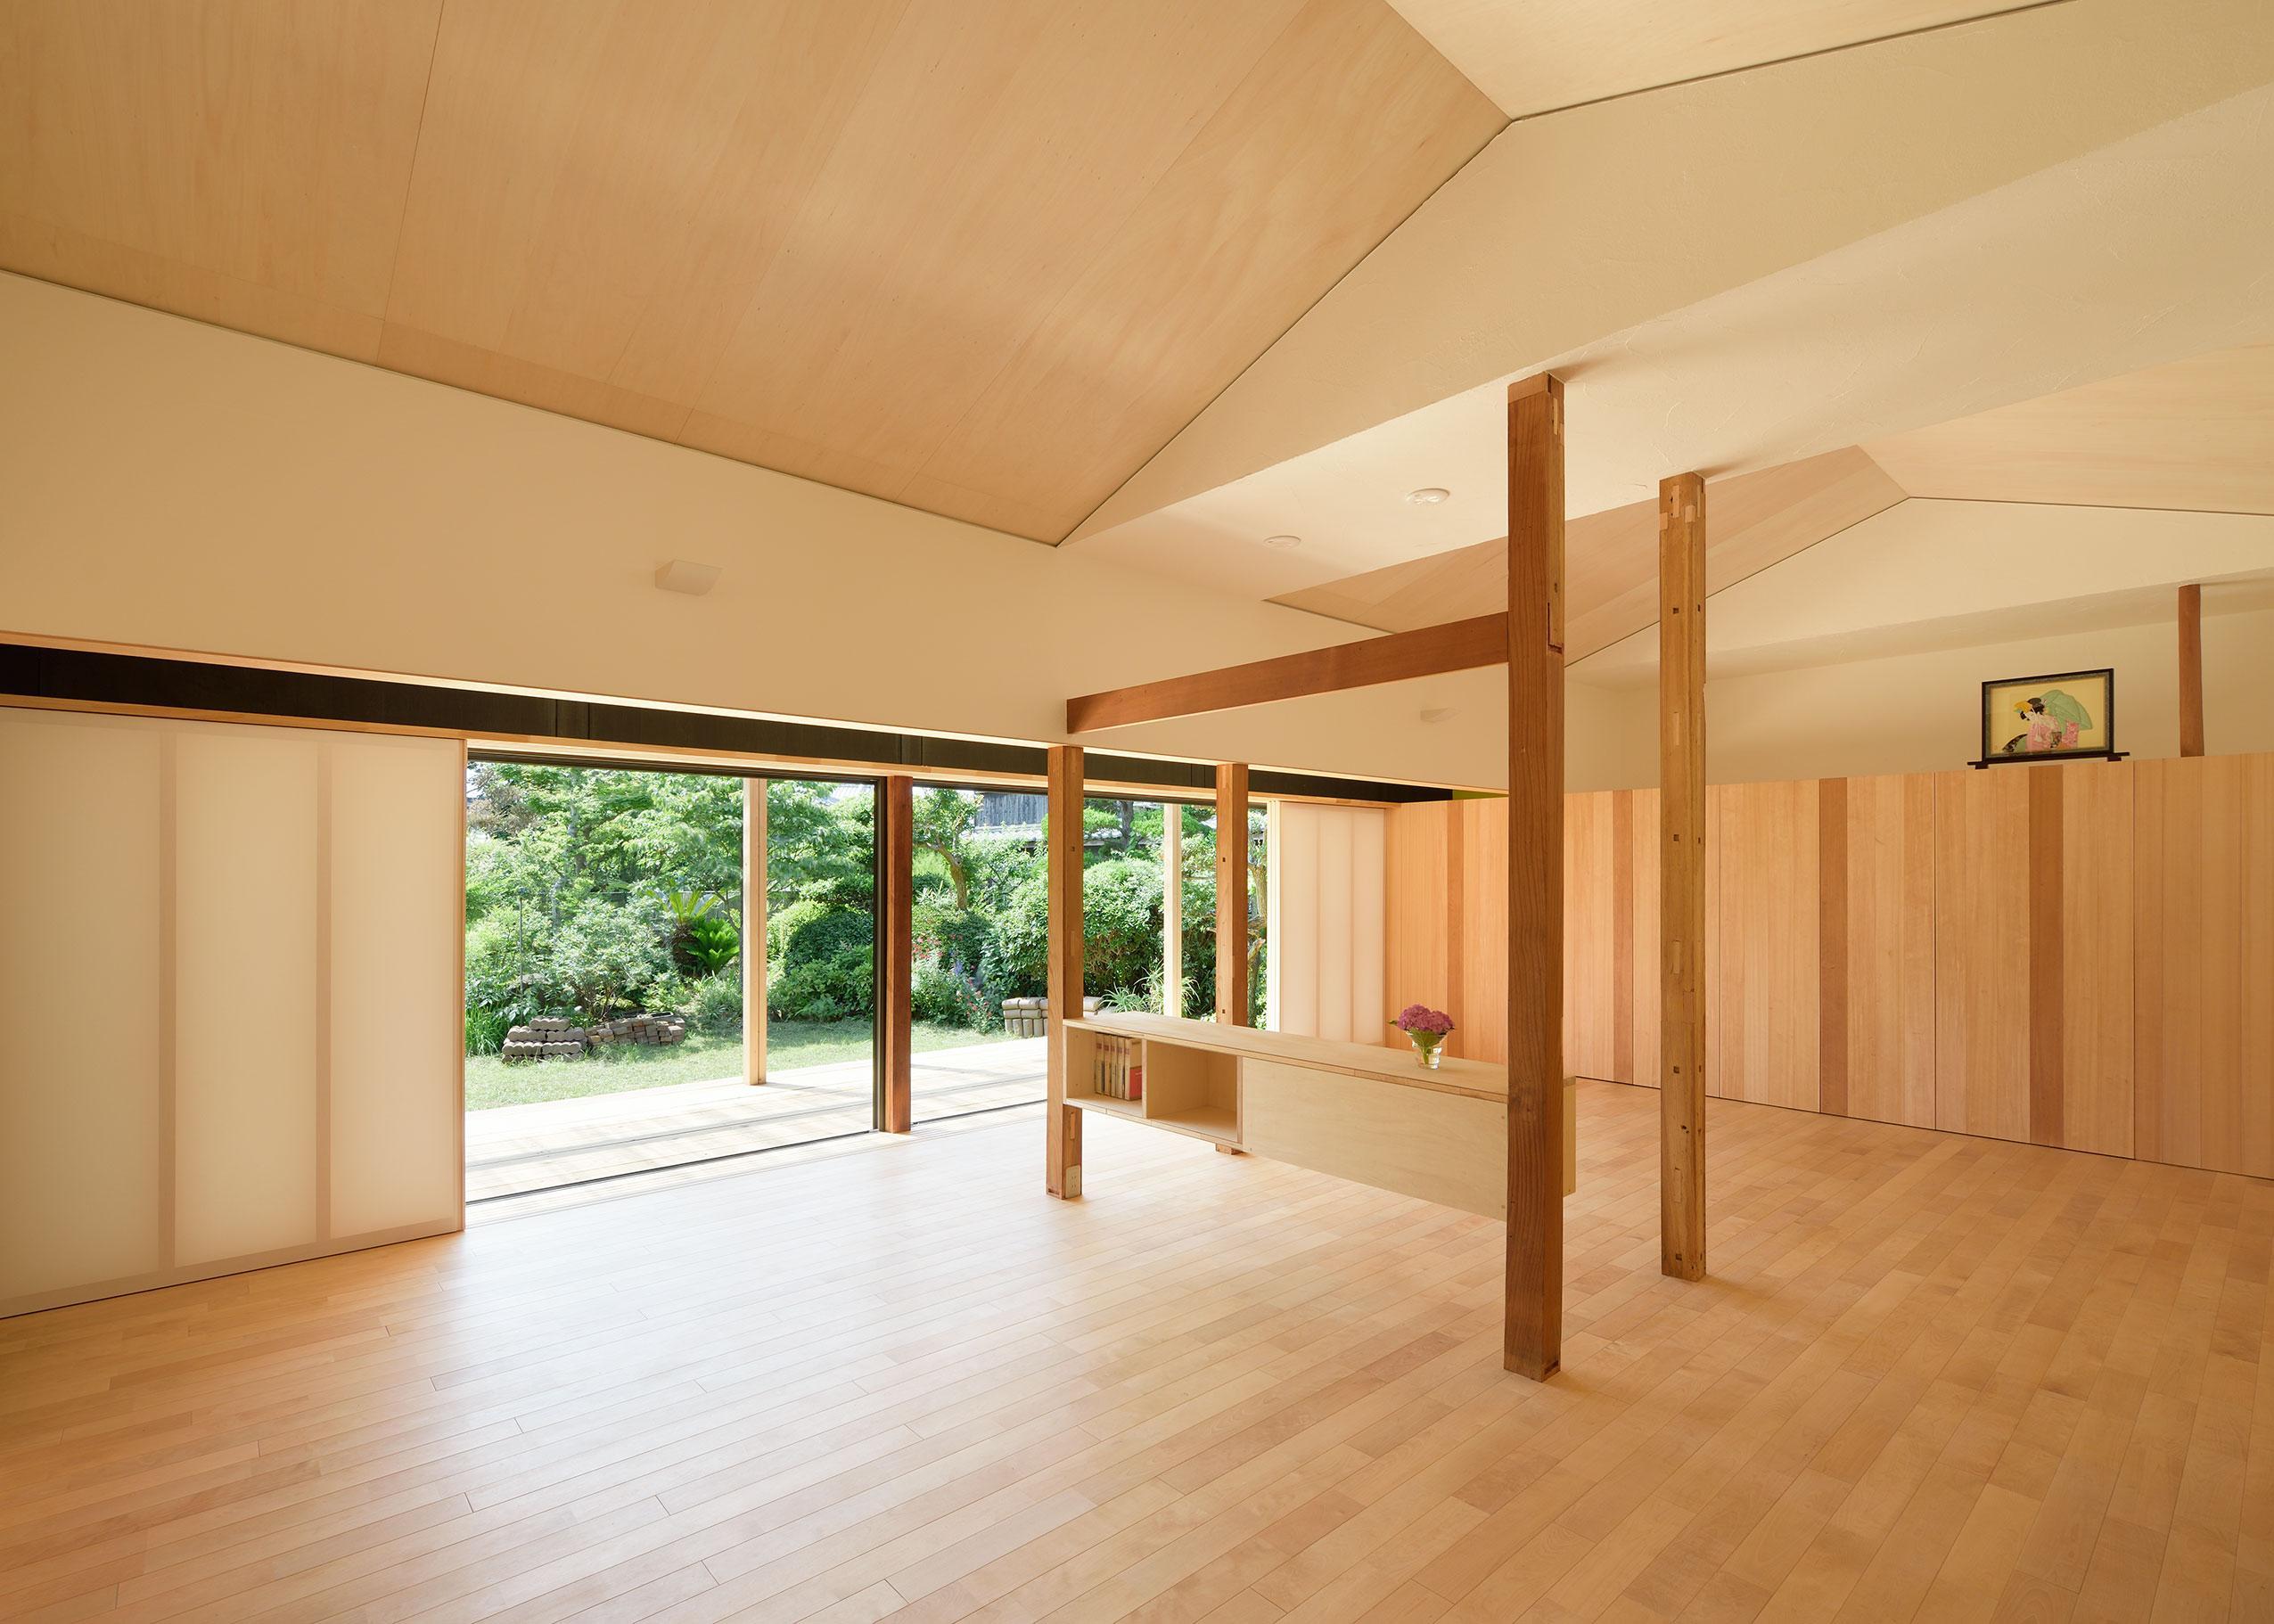 稲美町の離れ DETACHED ROOM in Inamiの部屋 リビングよりデッキを見る